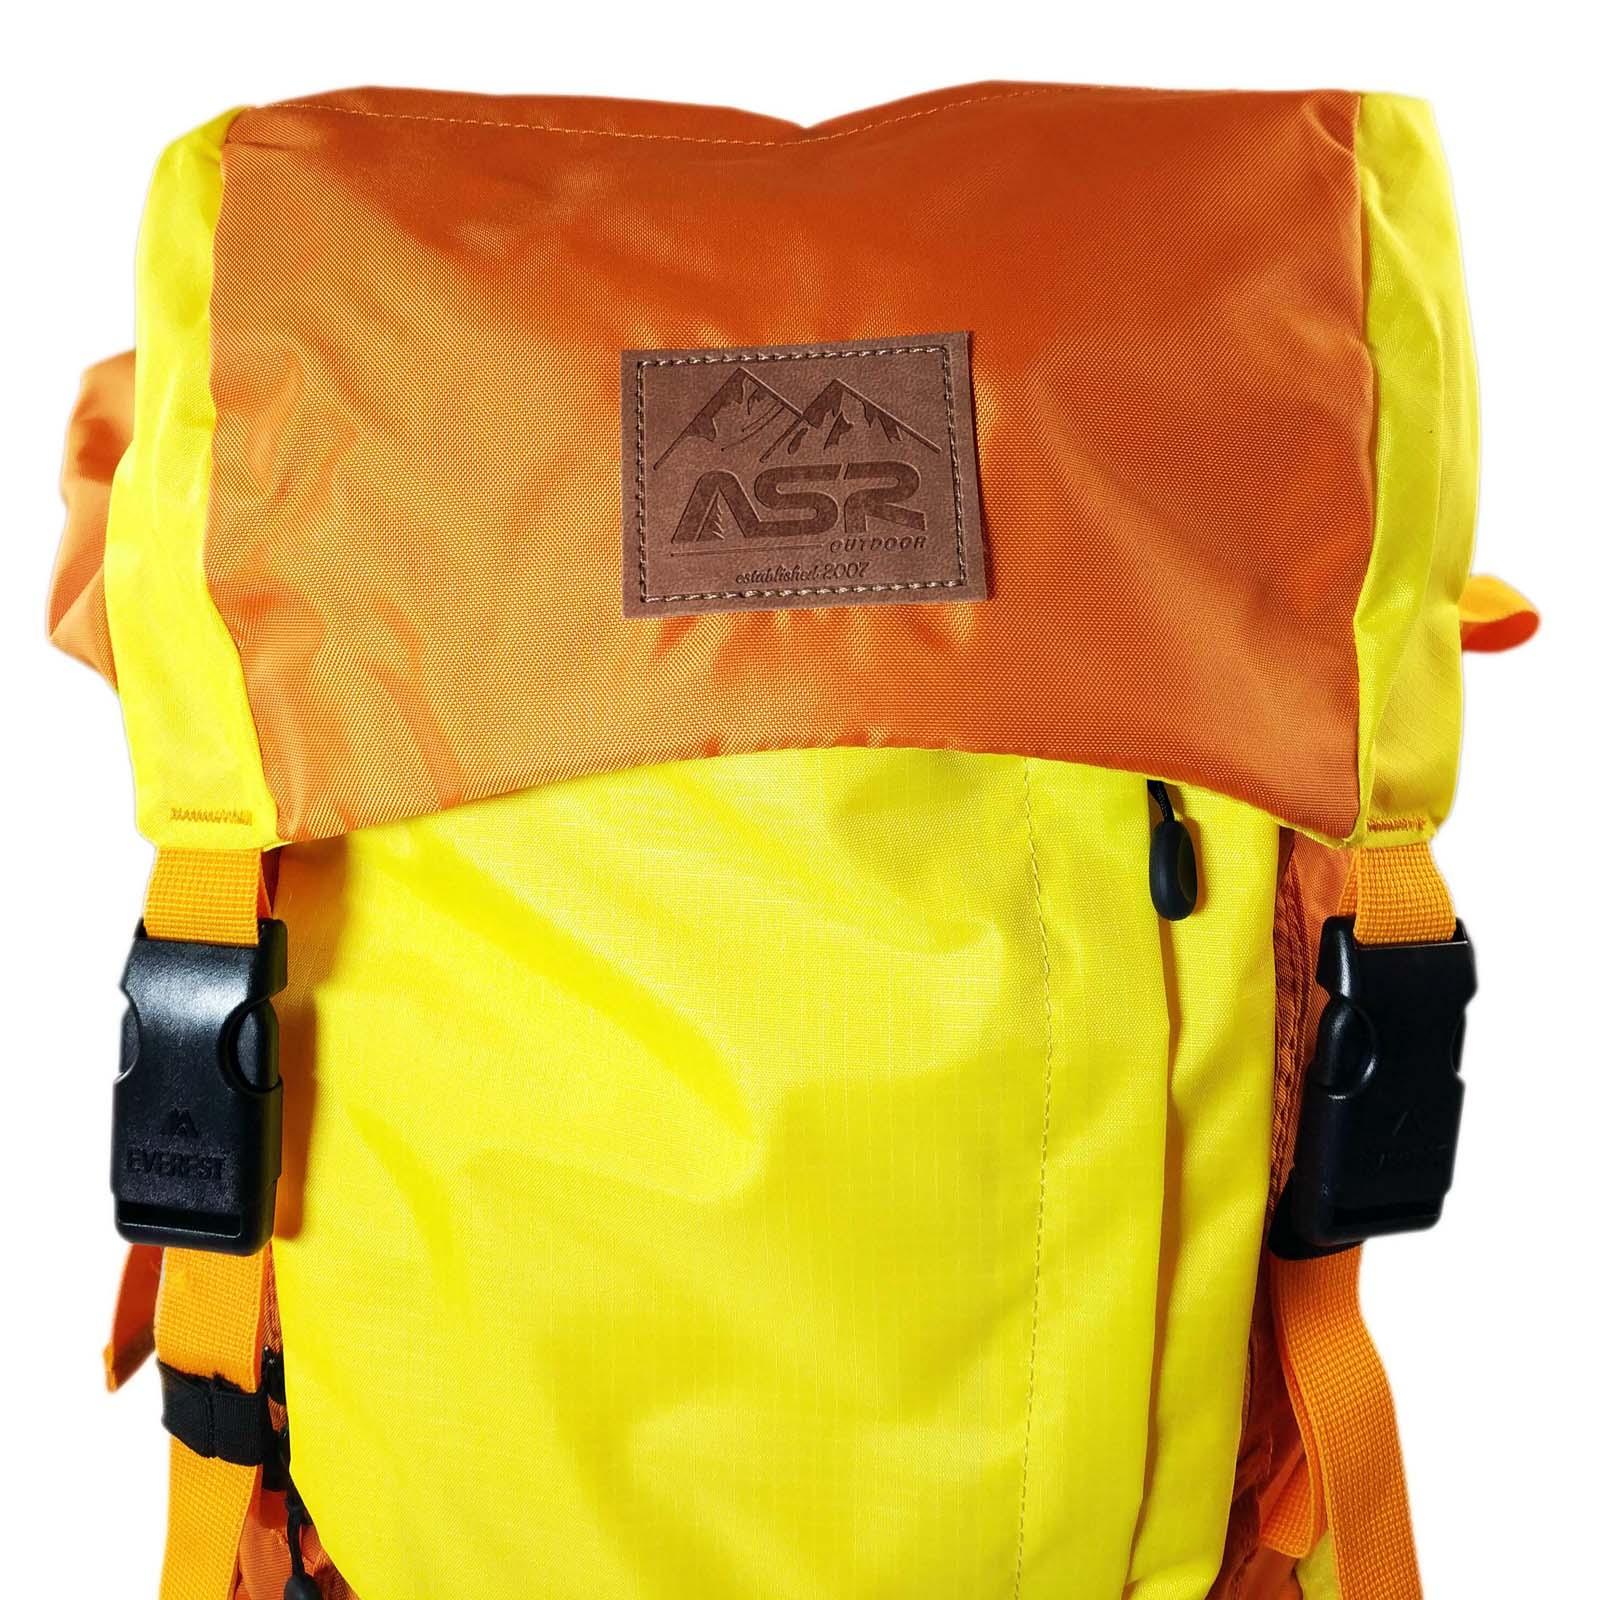 ASR Outdoor Weekender Day Packing Hiking Backpack - Orange